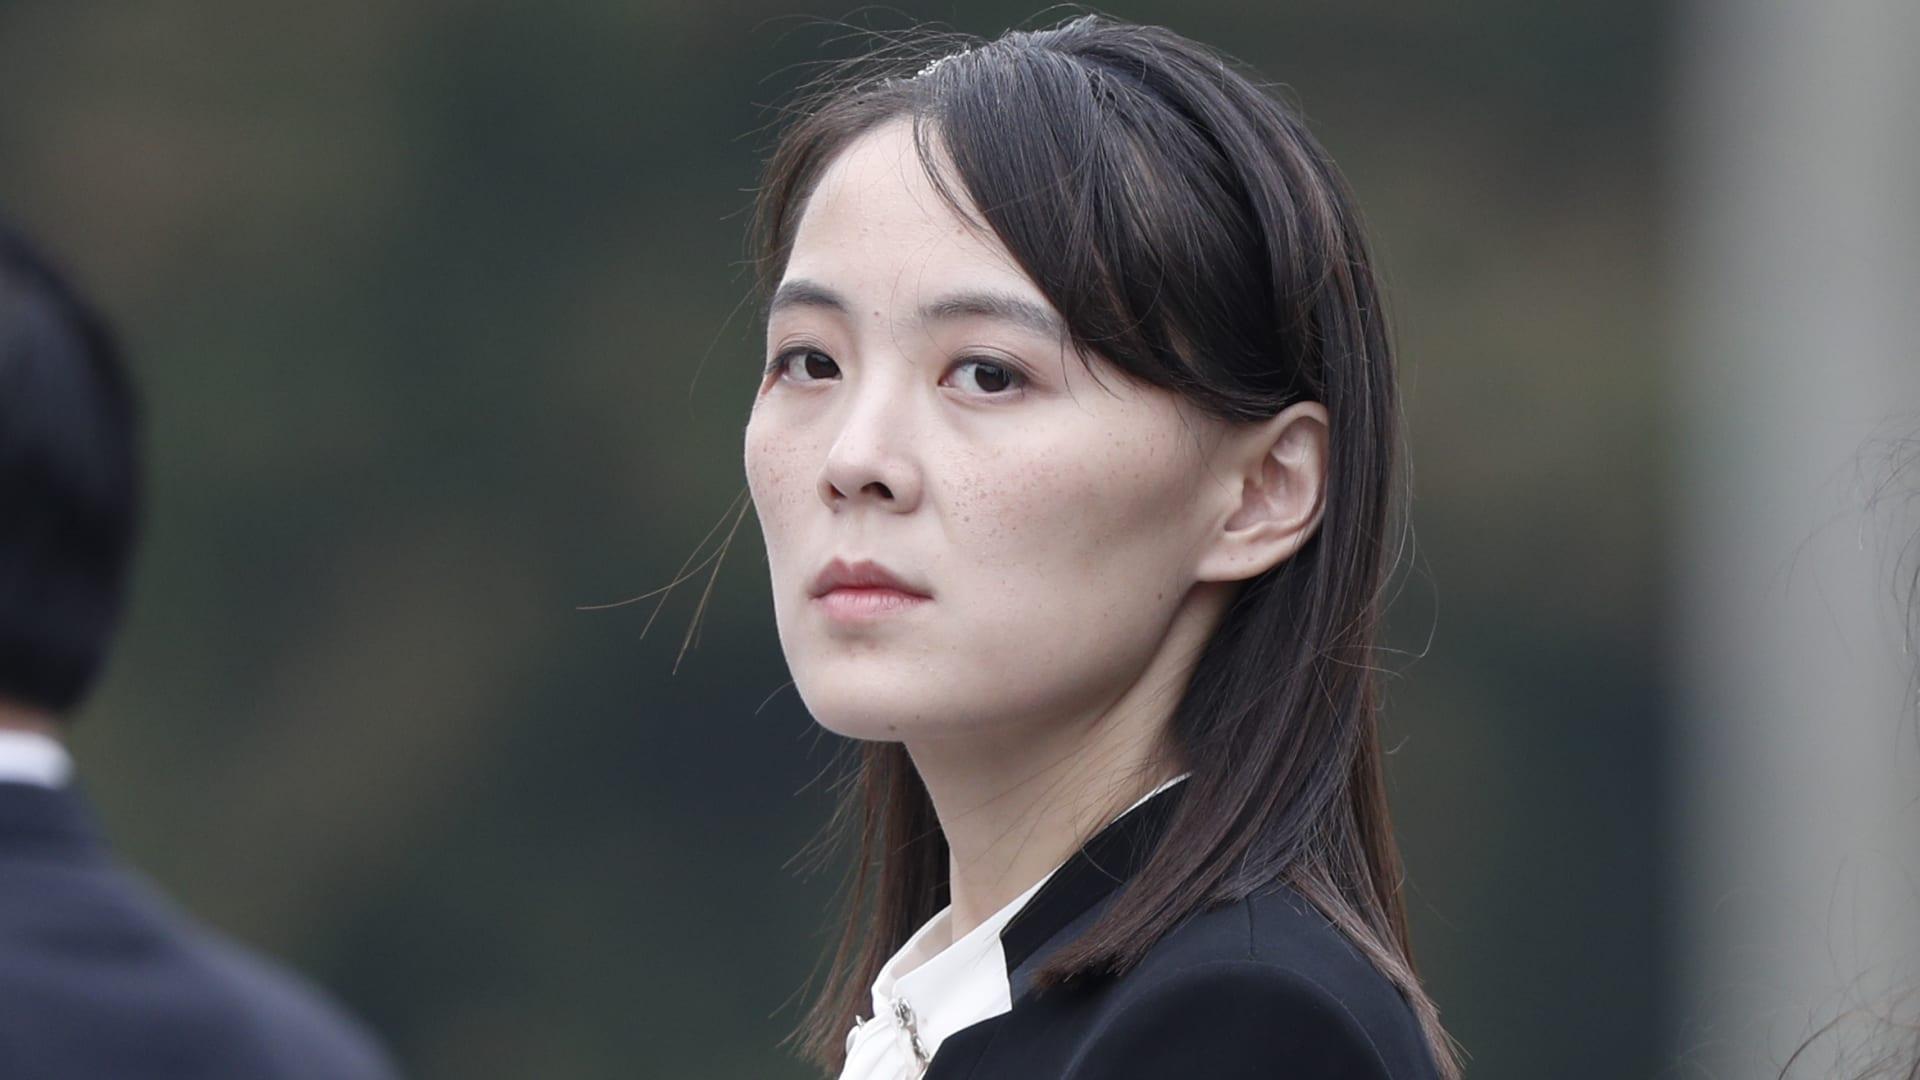 """شقيقة زعيم كوريا الشمالية تحذر بايدن من """"رائحة البارود"""" وتوجه """"نصيحة للنوم بسلام"""""""